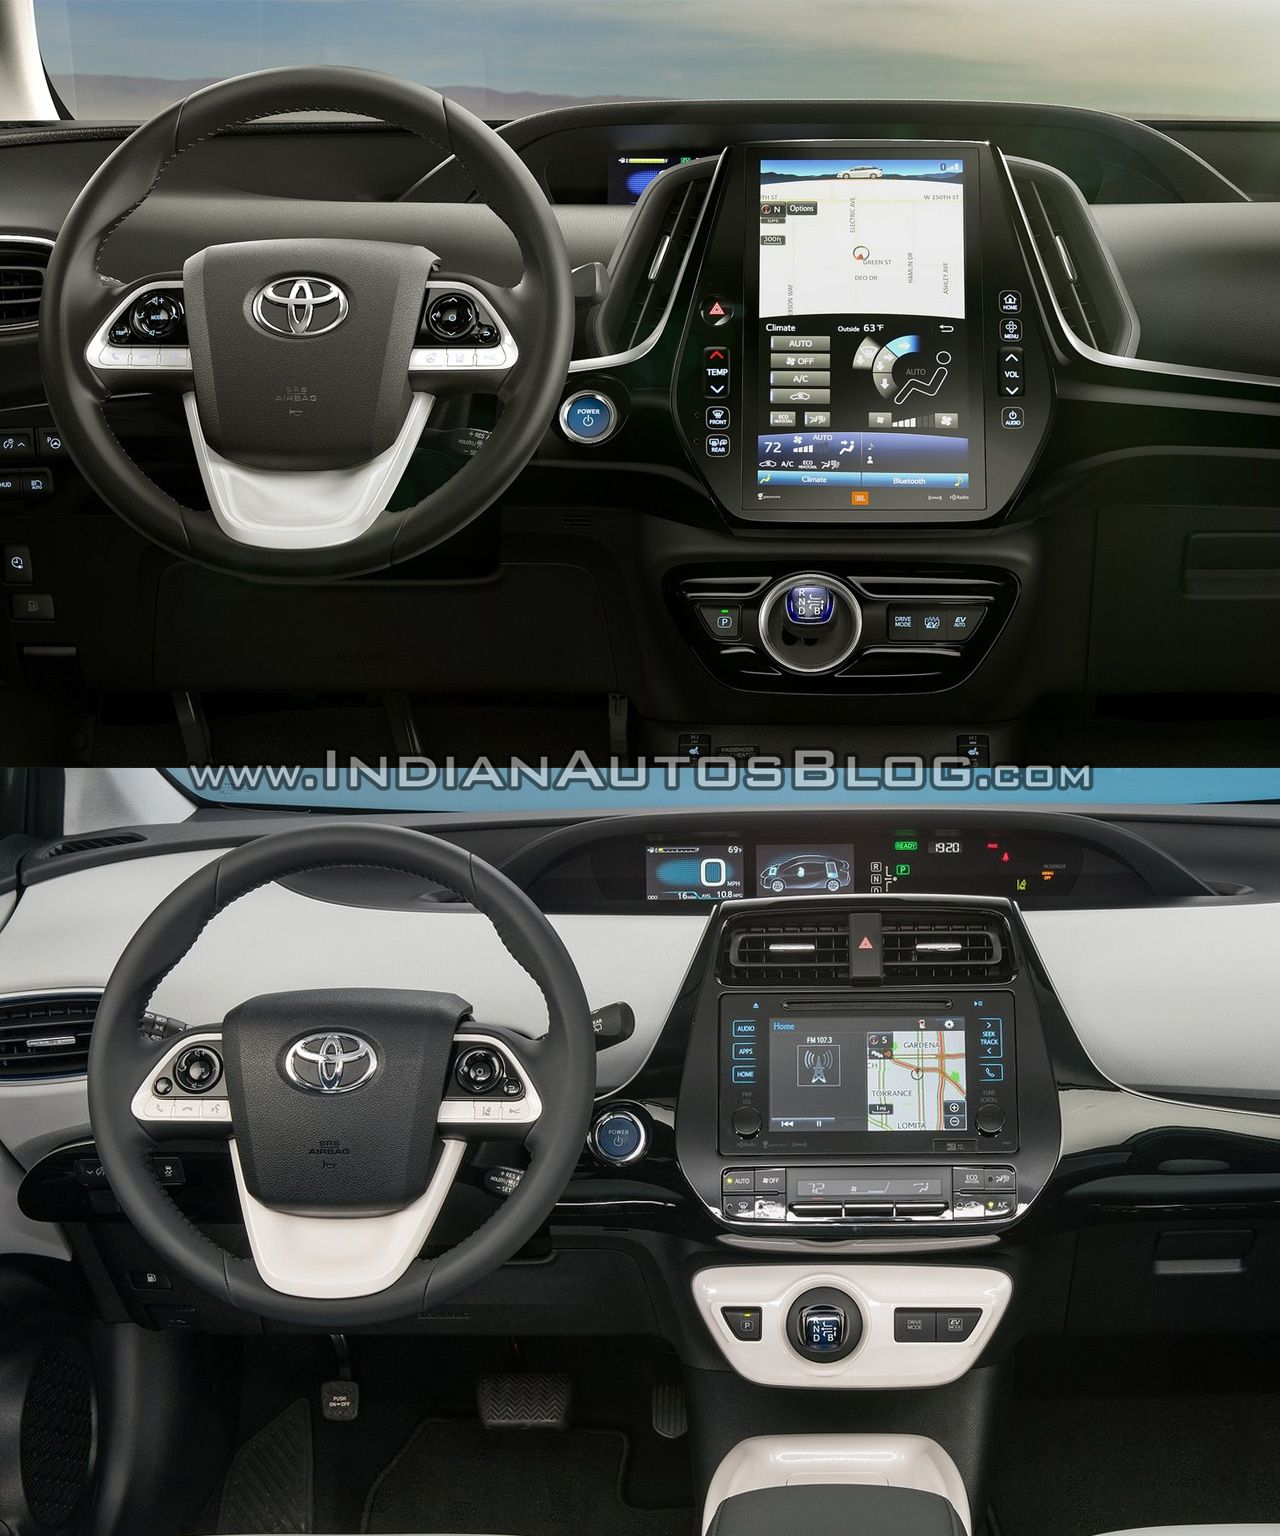 Toyota Prius Prime Interior Vs. 2016 Toyota Prius Interior